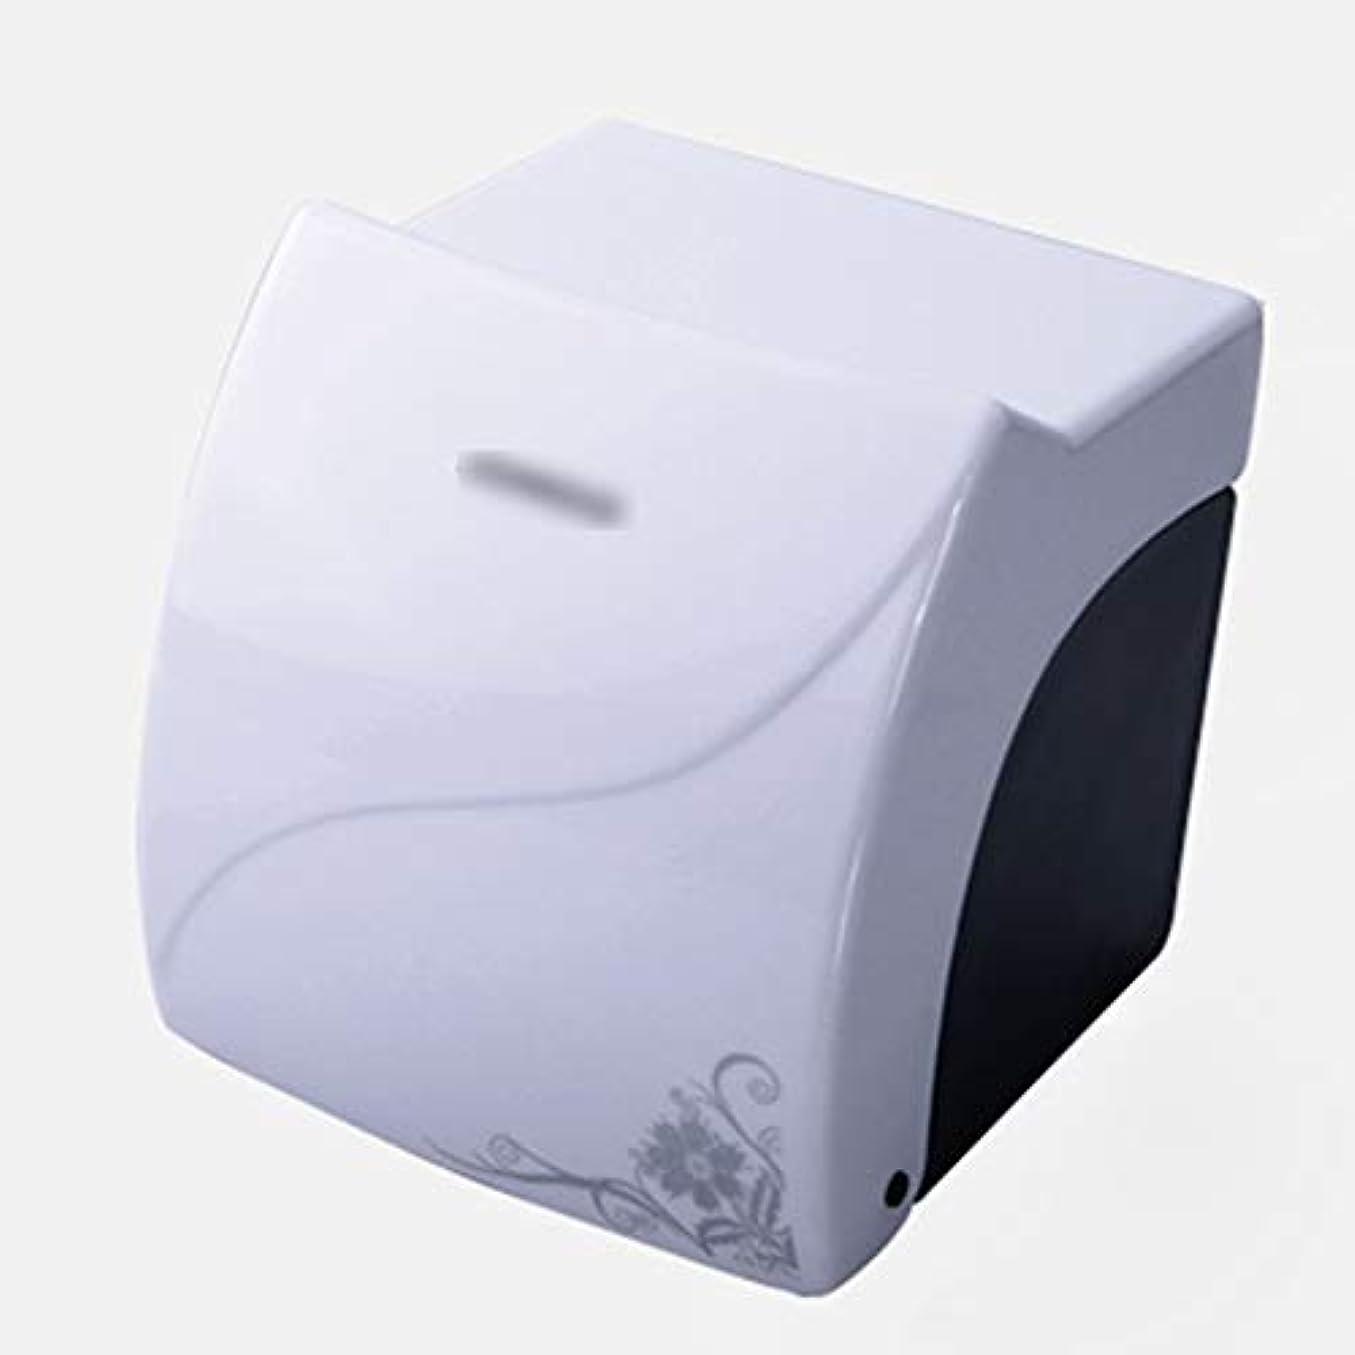 こするベーカリー時計ZZLX 紙タオルホルダー、高品質ABS防水ティッシュボックストイレットペーパーボックスペーパーホルダー ロングハンドル風呂ブラシ